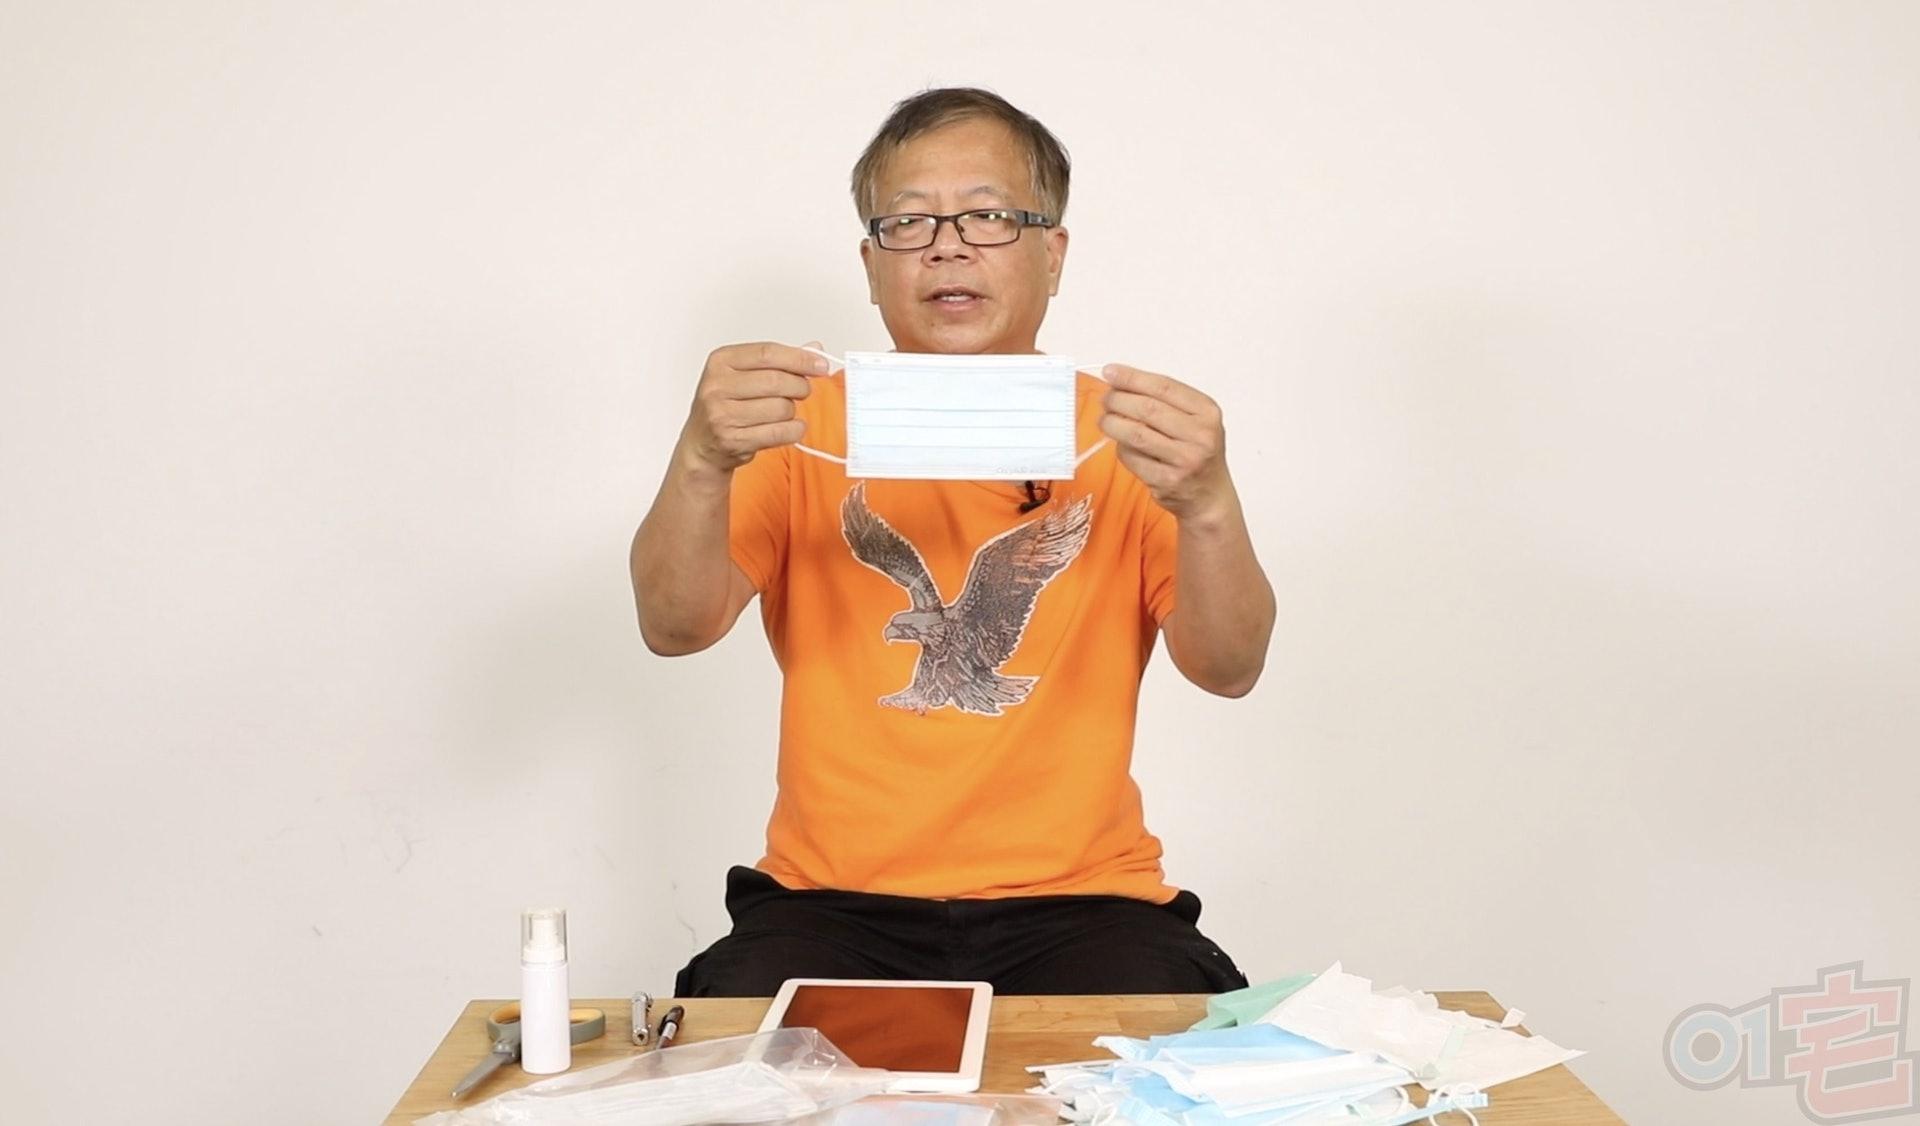 今次以「盲測方式」提供給K Kwong檢測,全以Sample代號來辨別。口罩上印上的logo,盡量會剪走後才檢測。